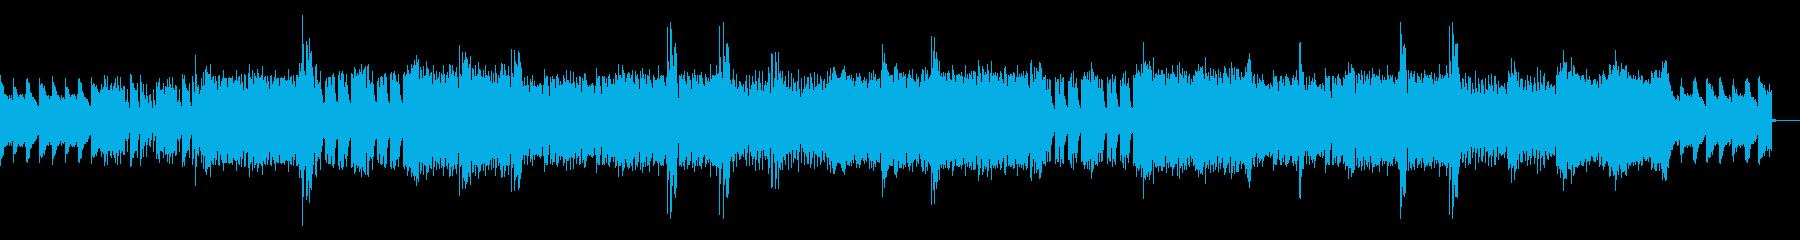 スポーツピアノハウスEDMの再生済みの波形